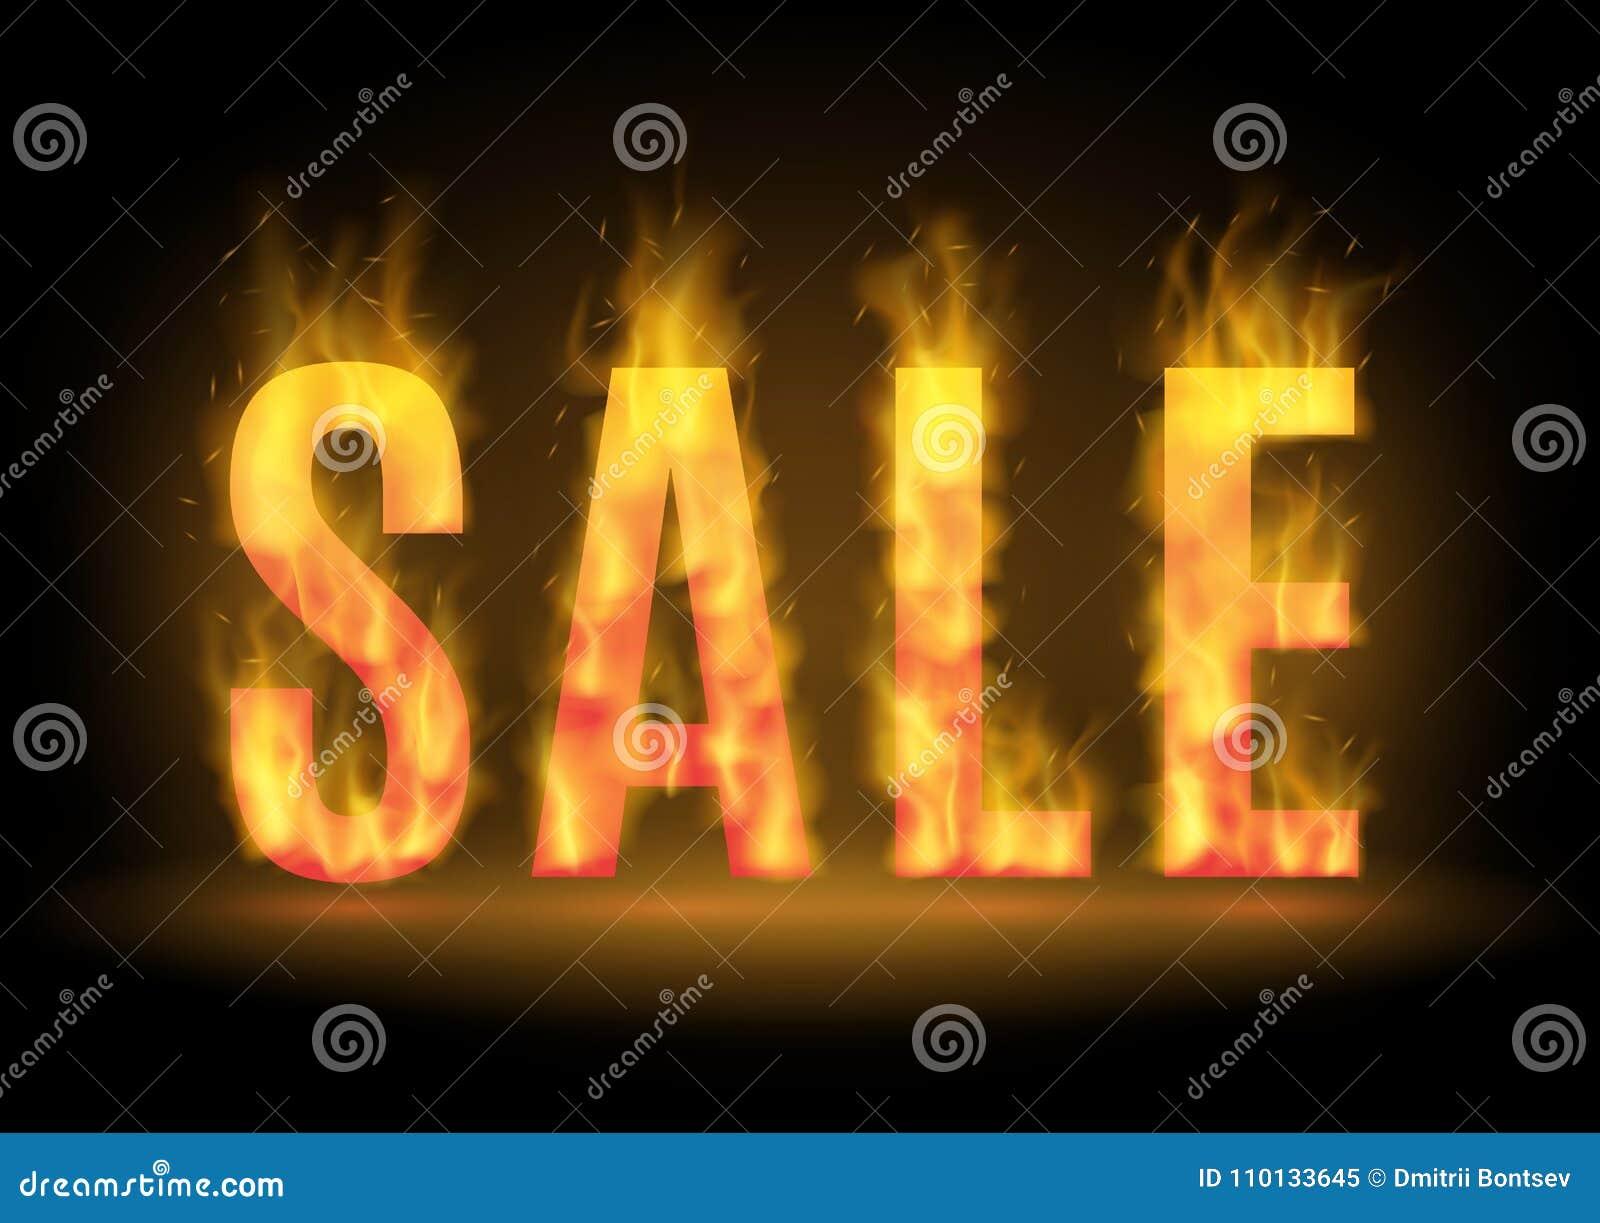 Καυτό σχέδιο πώλησης με την πυρκαγιά επίσης corel σύρετε το διάνυσμα απεικόνισης